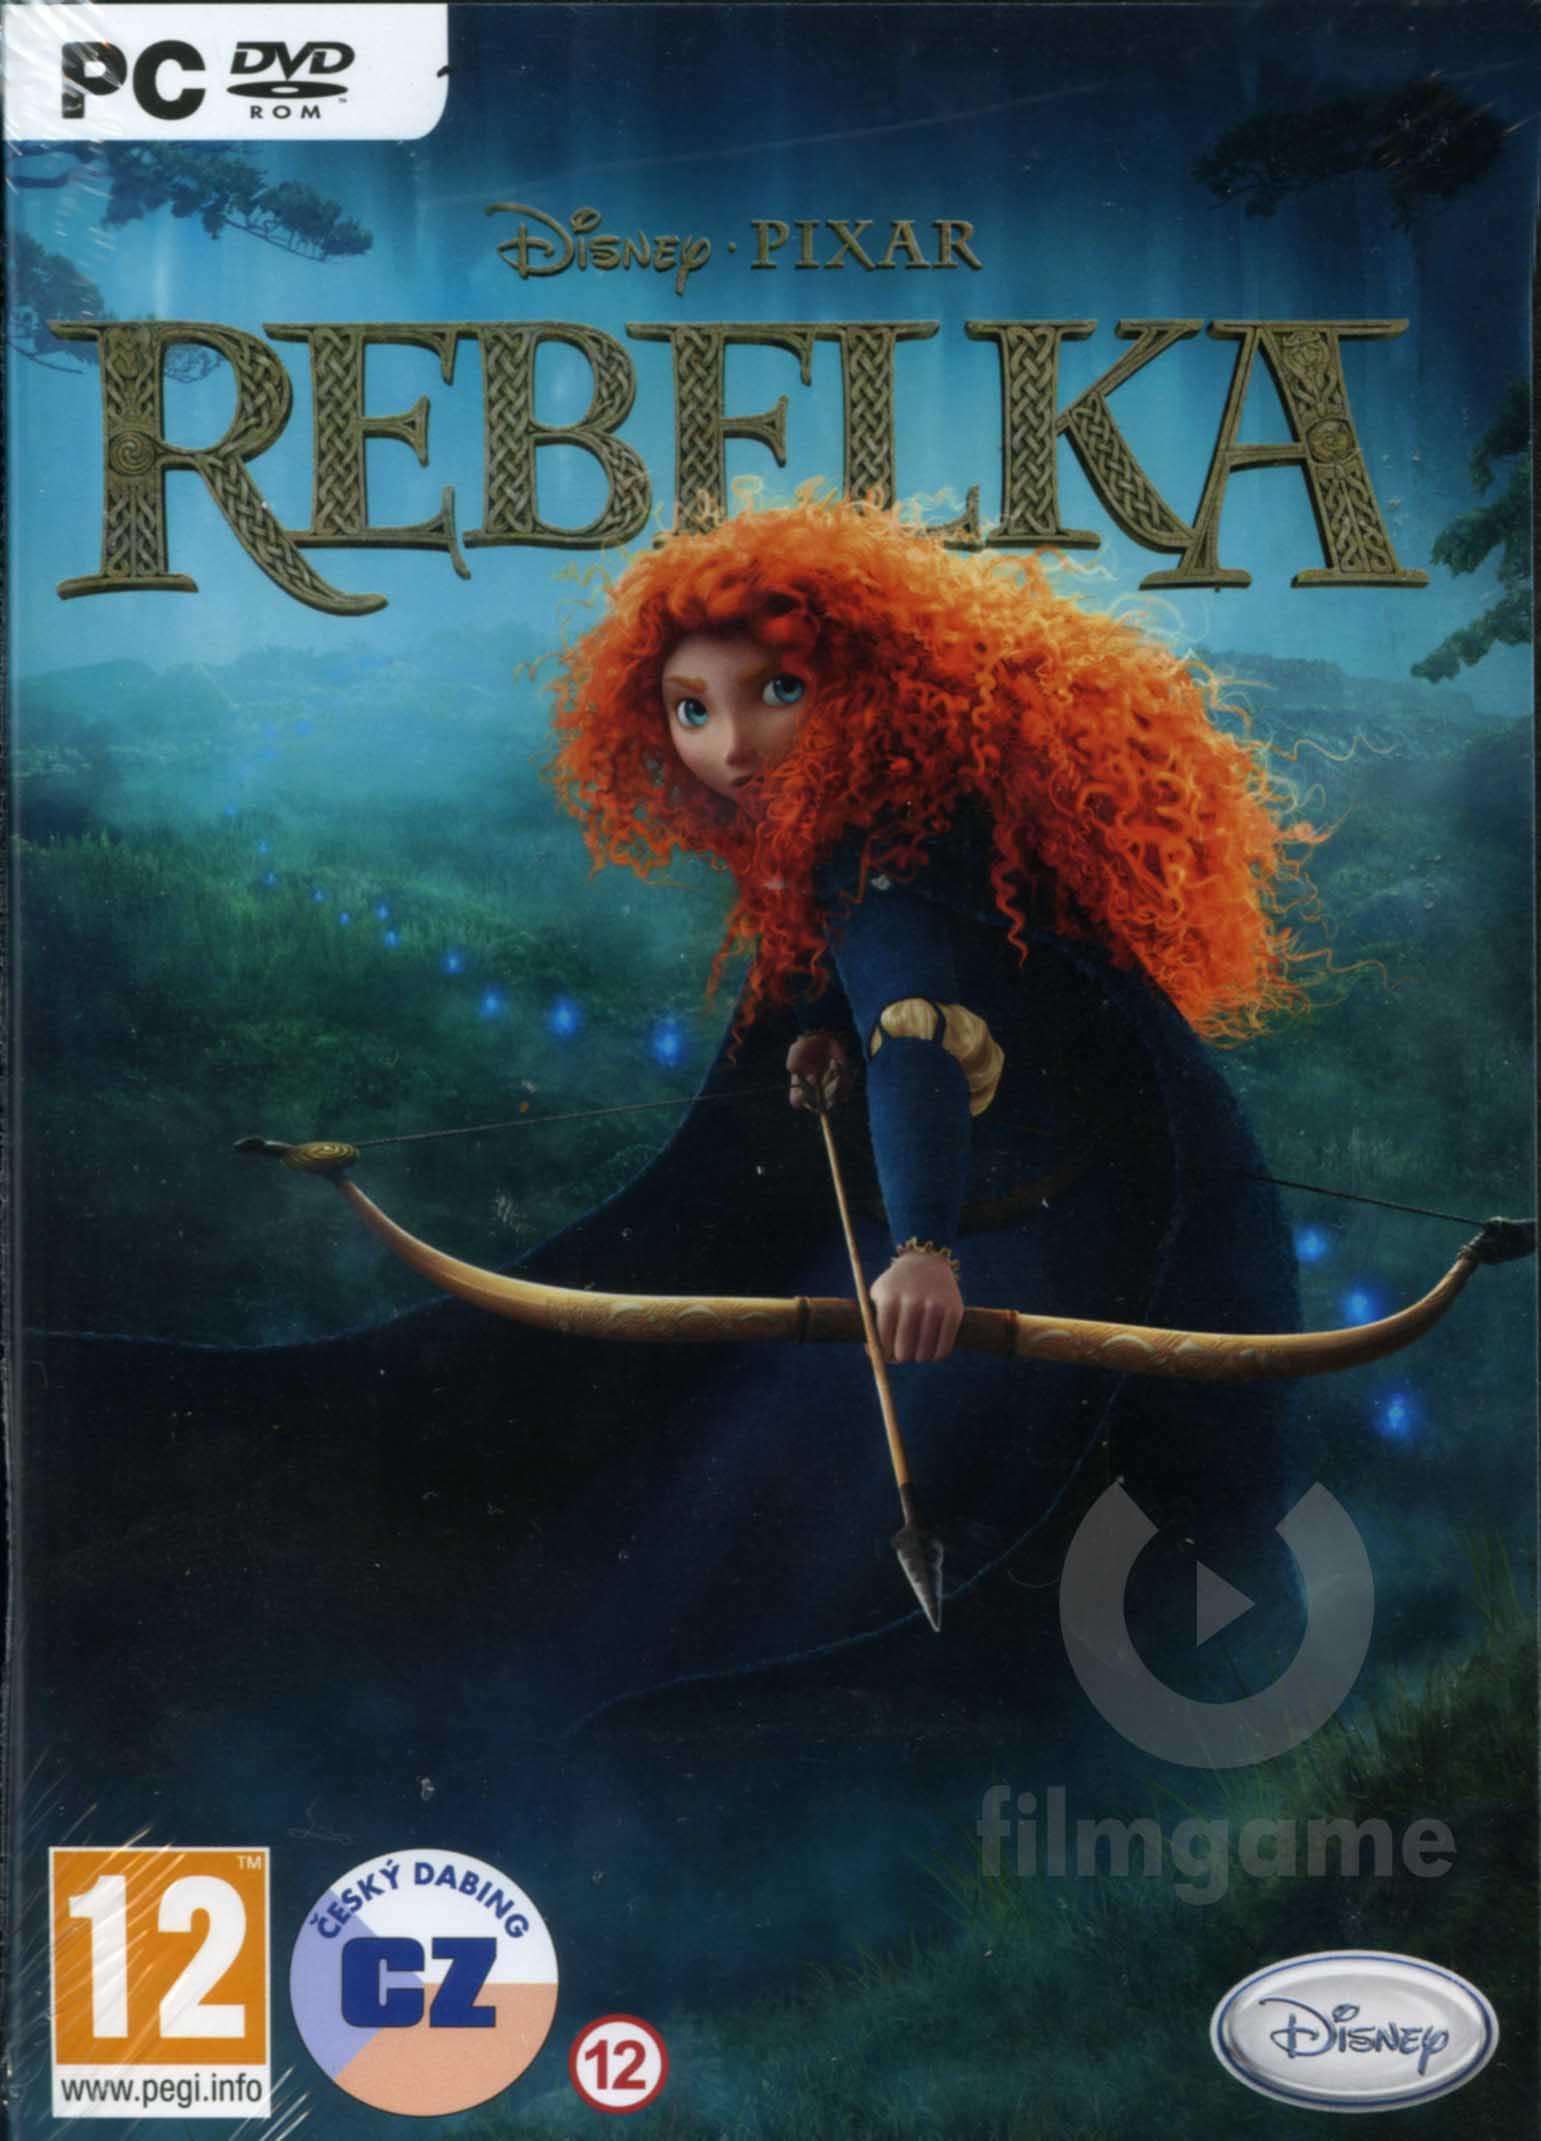 REBELKA (BRAVE) - PC